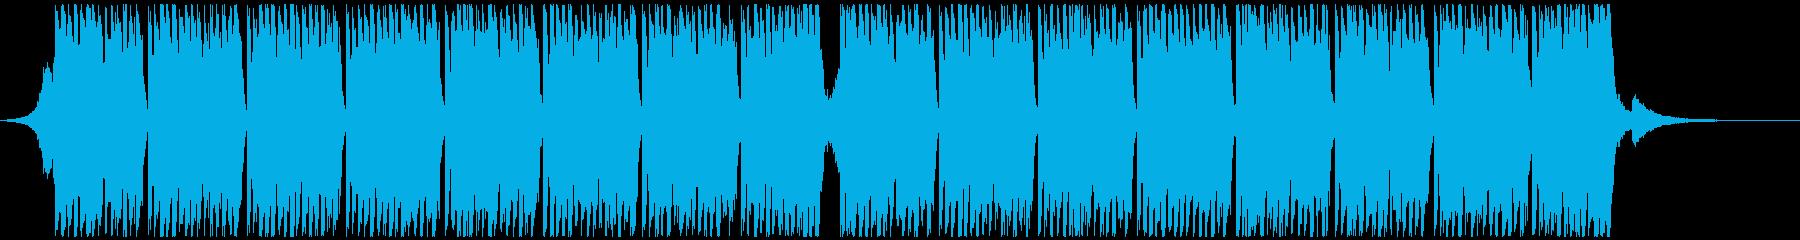 スポーツの動機(42秒)の再生済みの波形